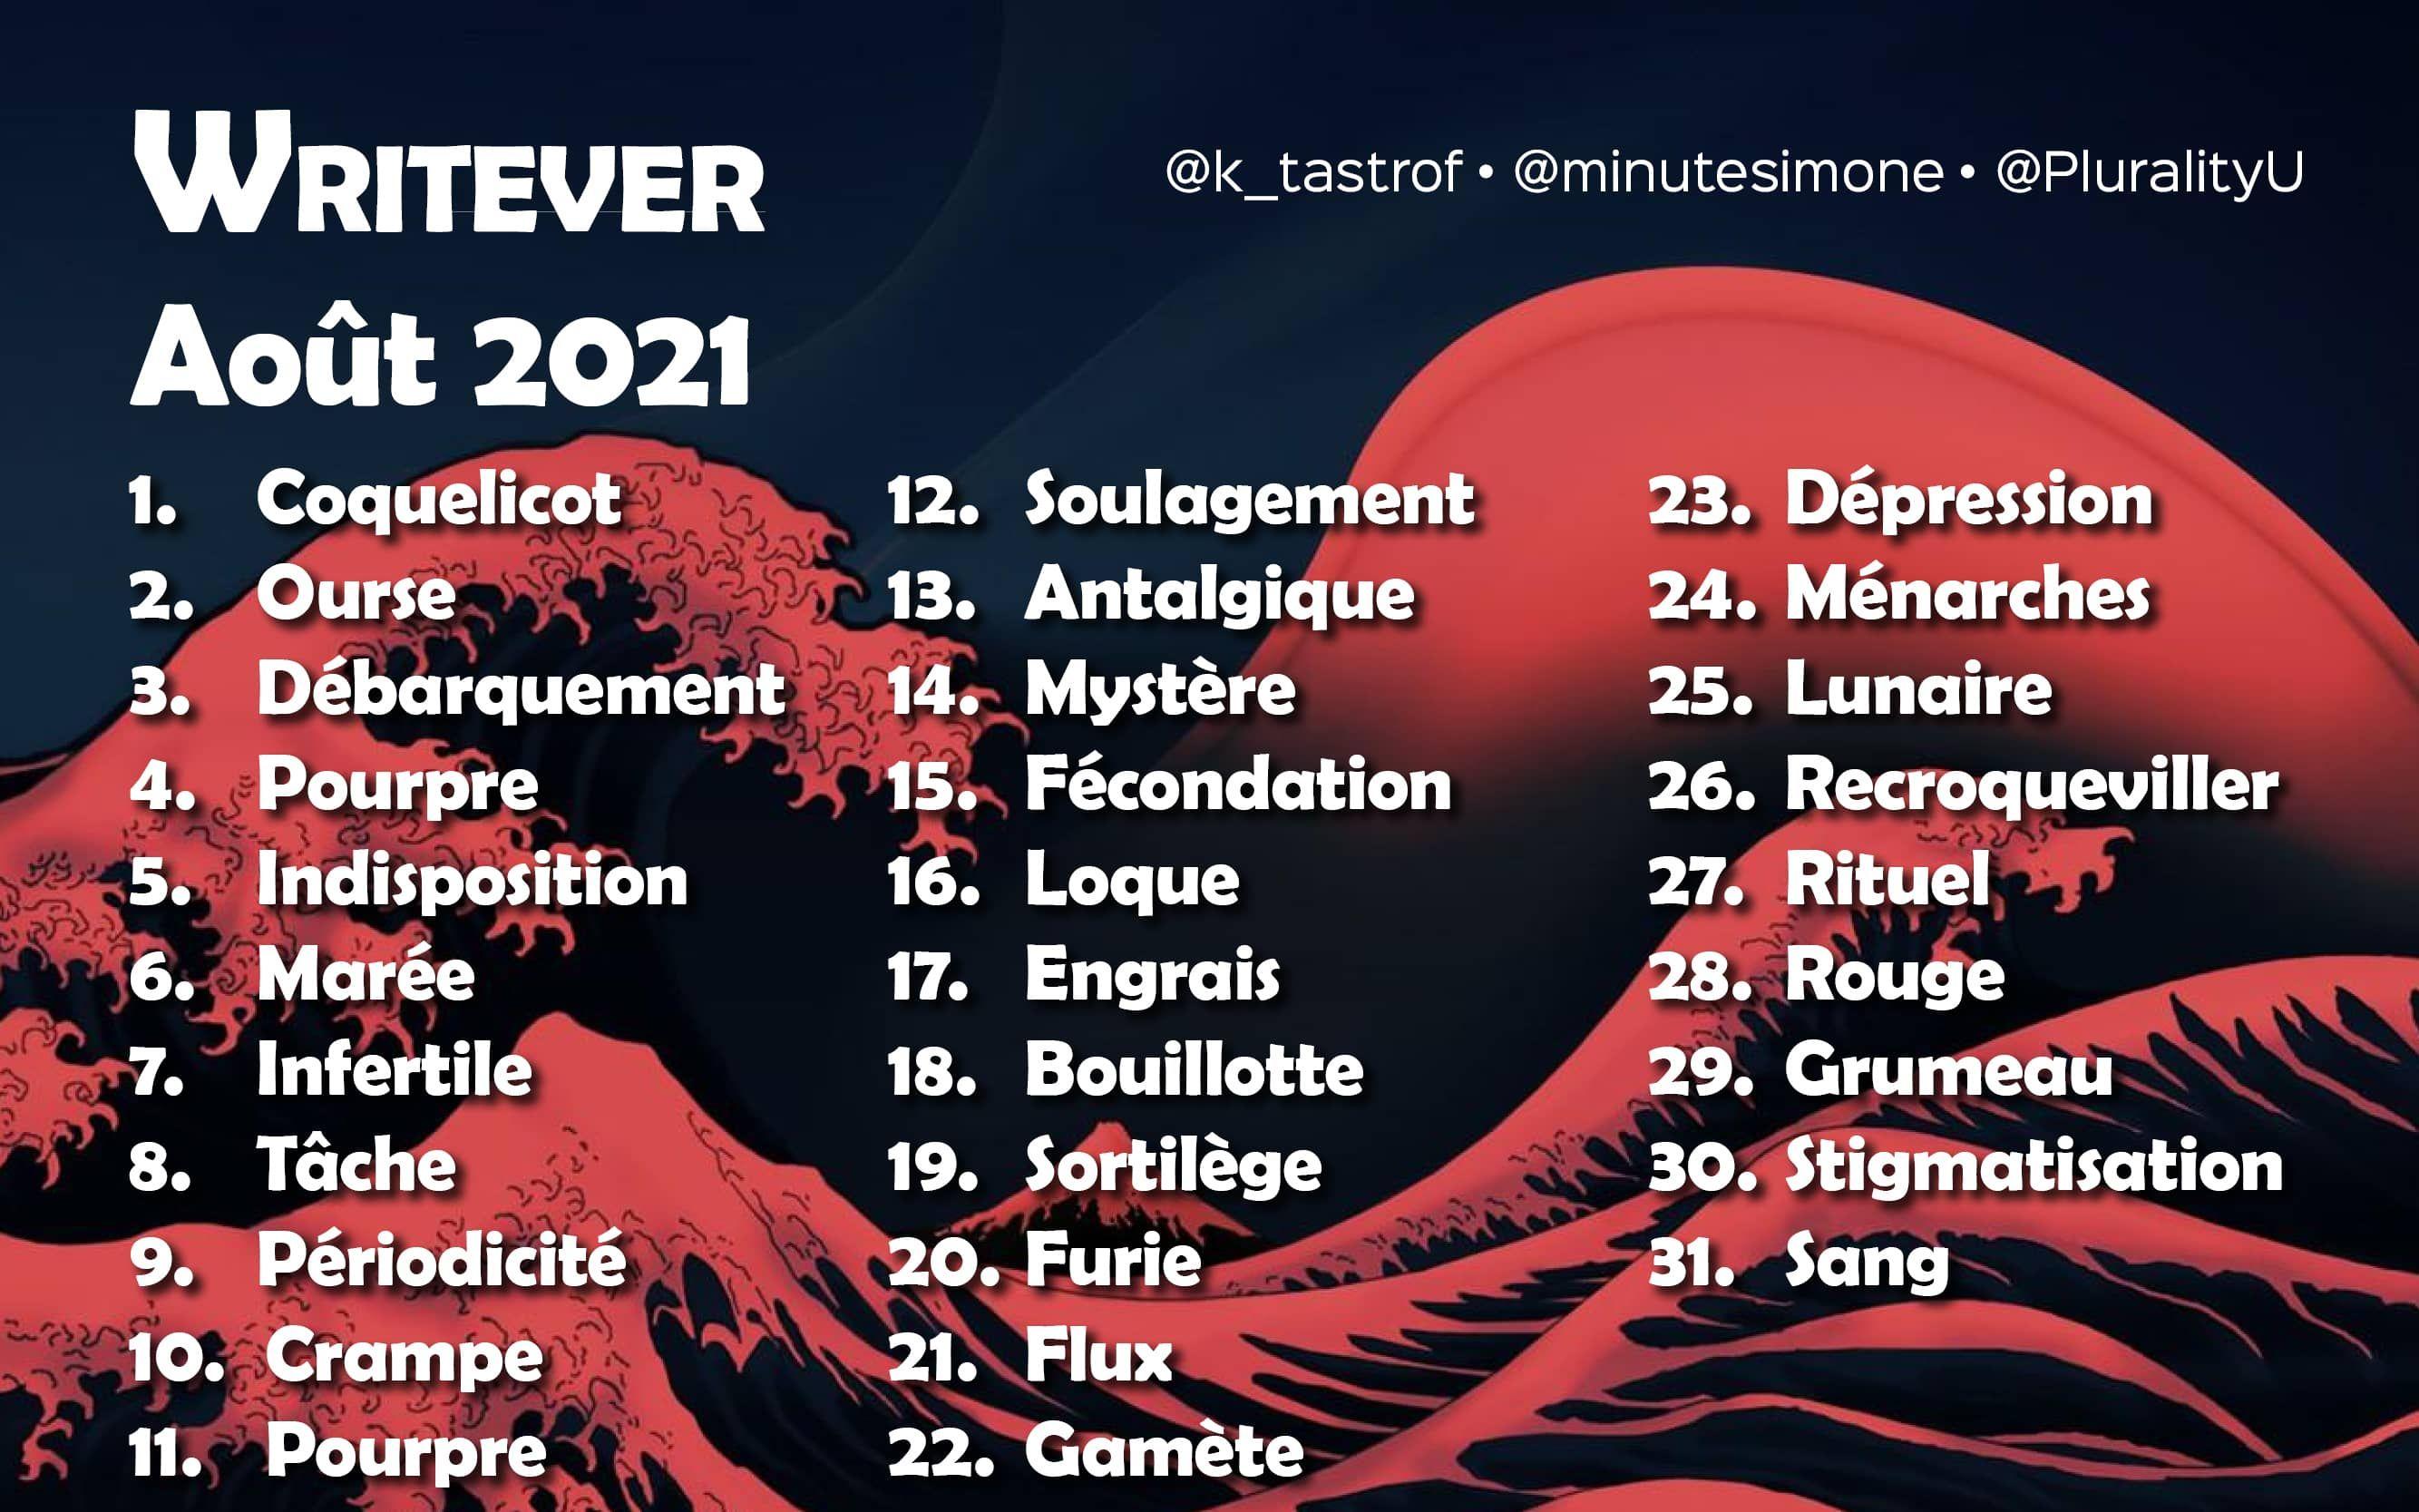 Liste du Writever – Août 2021